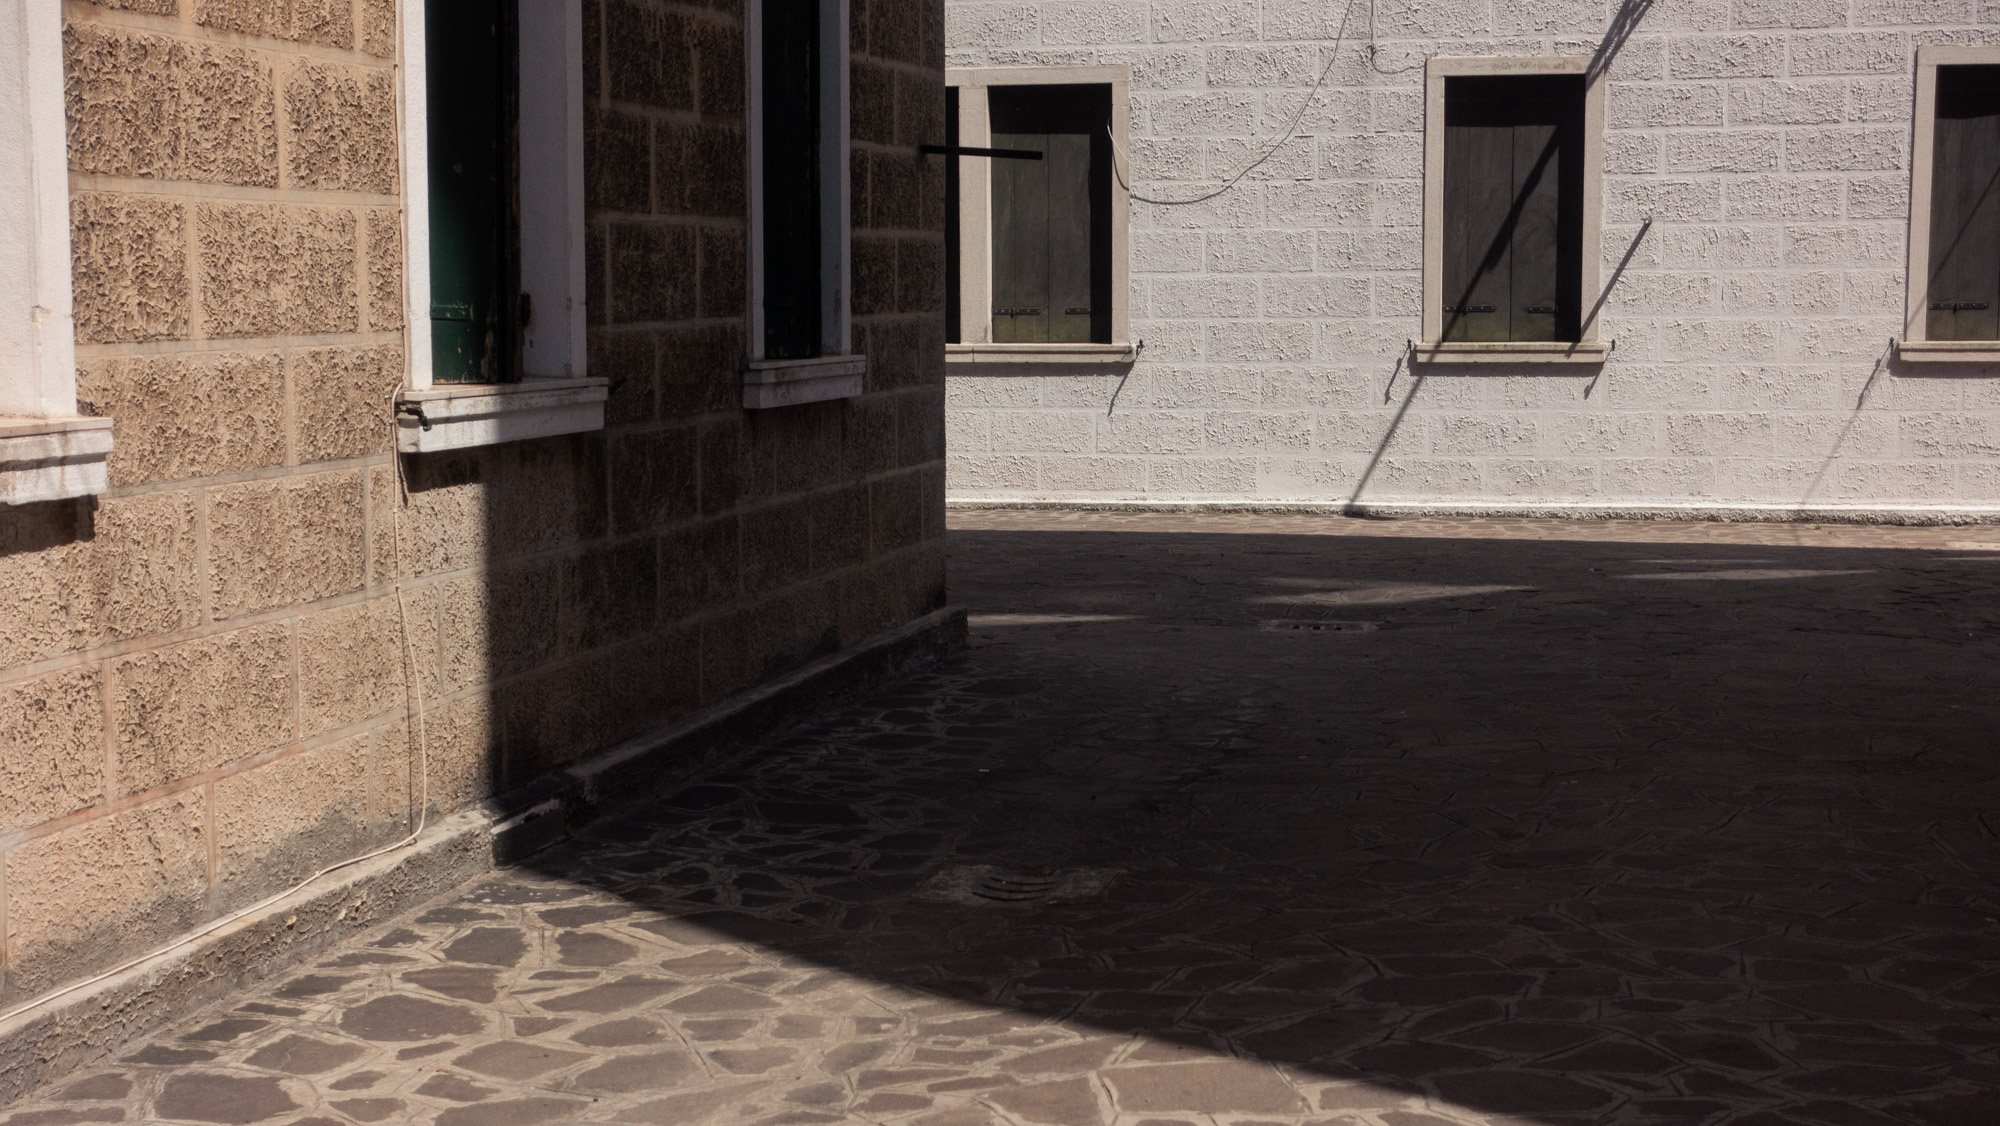 Venezia-07707.jpg